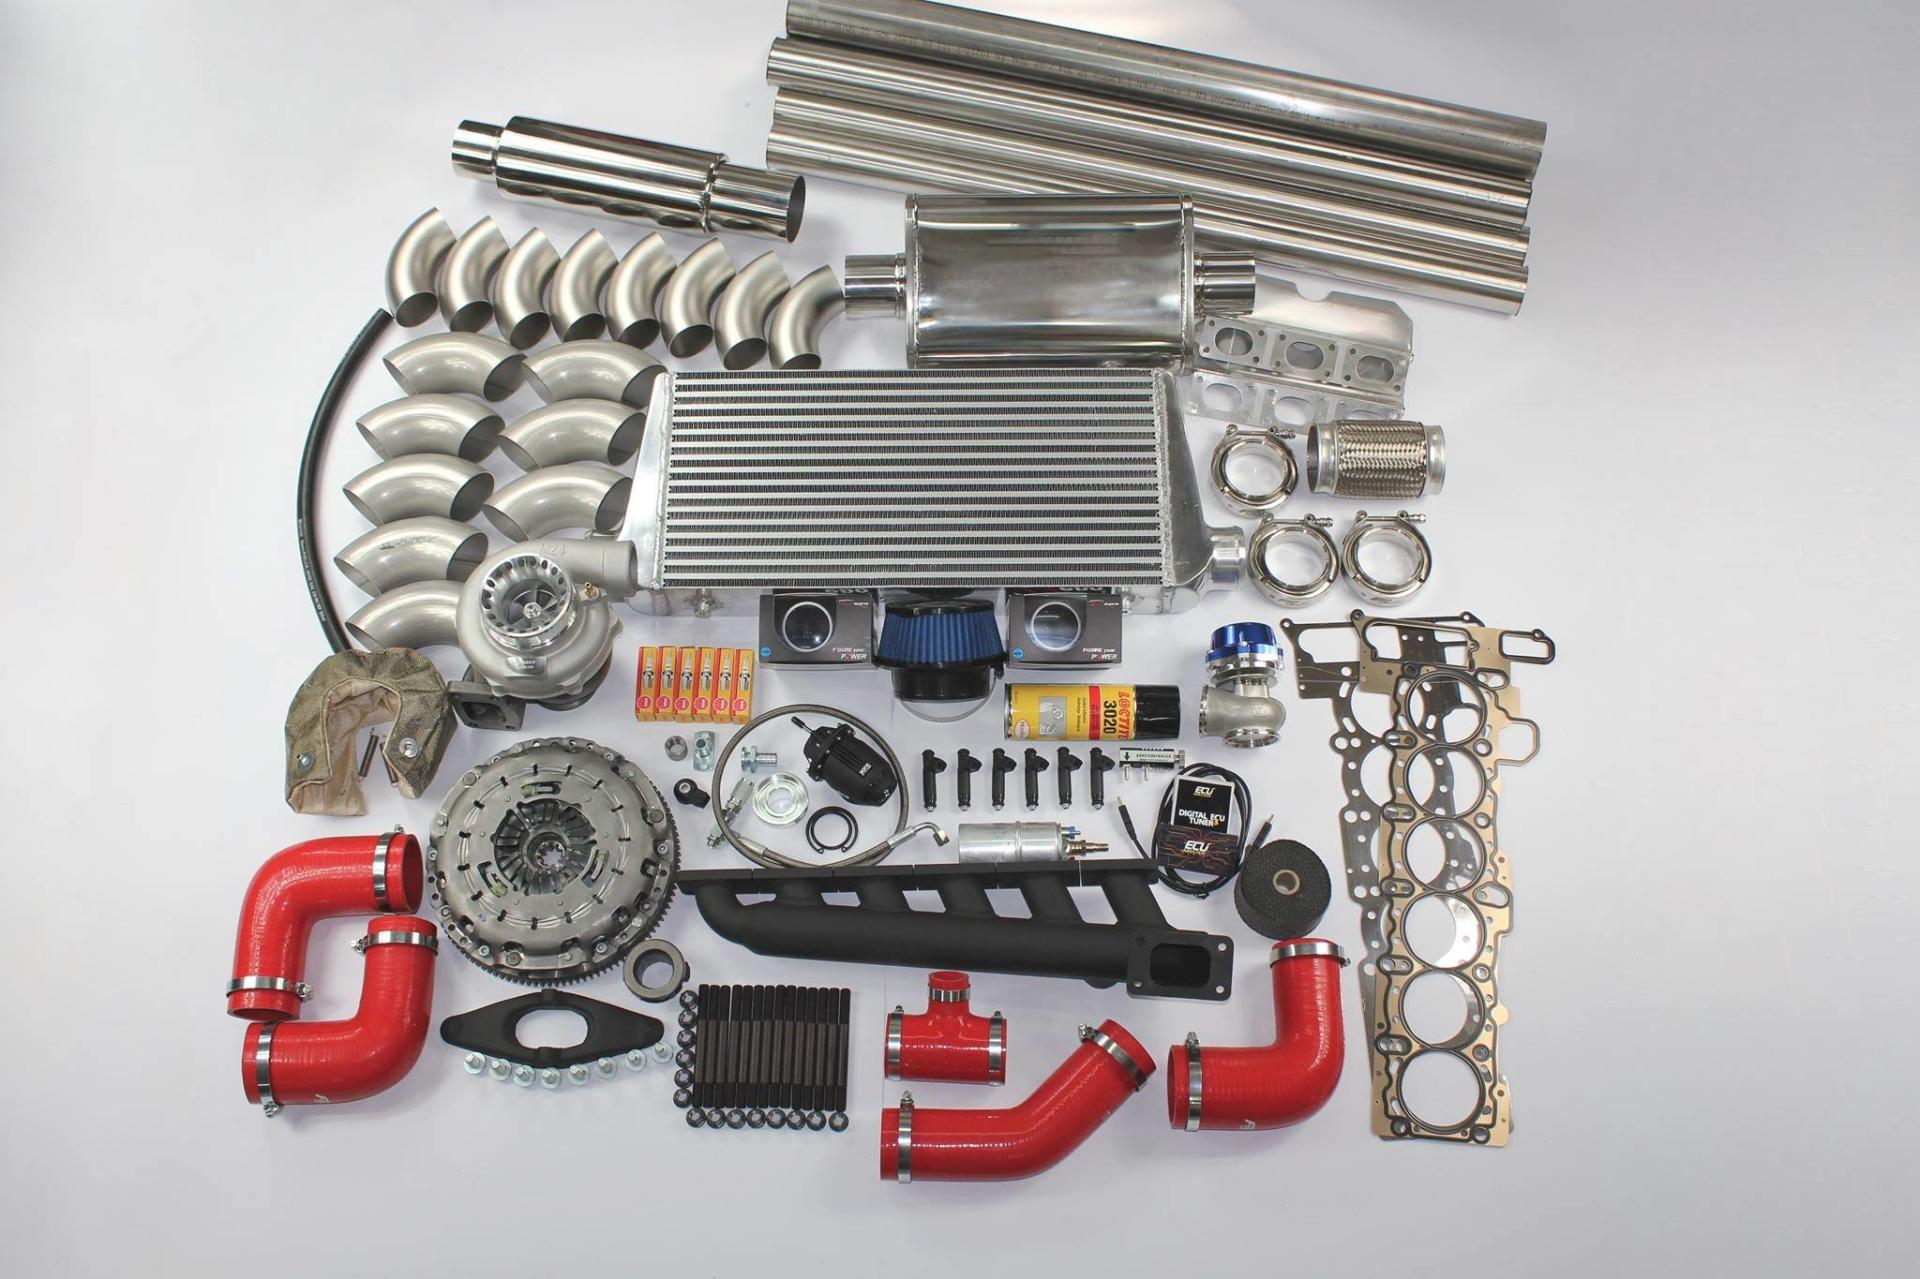 bmw e30 e36 e46 m50 m52 m52tu m54 turbo kit high power. Black Bedroom Furniture Sets. Home Design Ideas